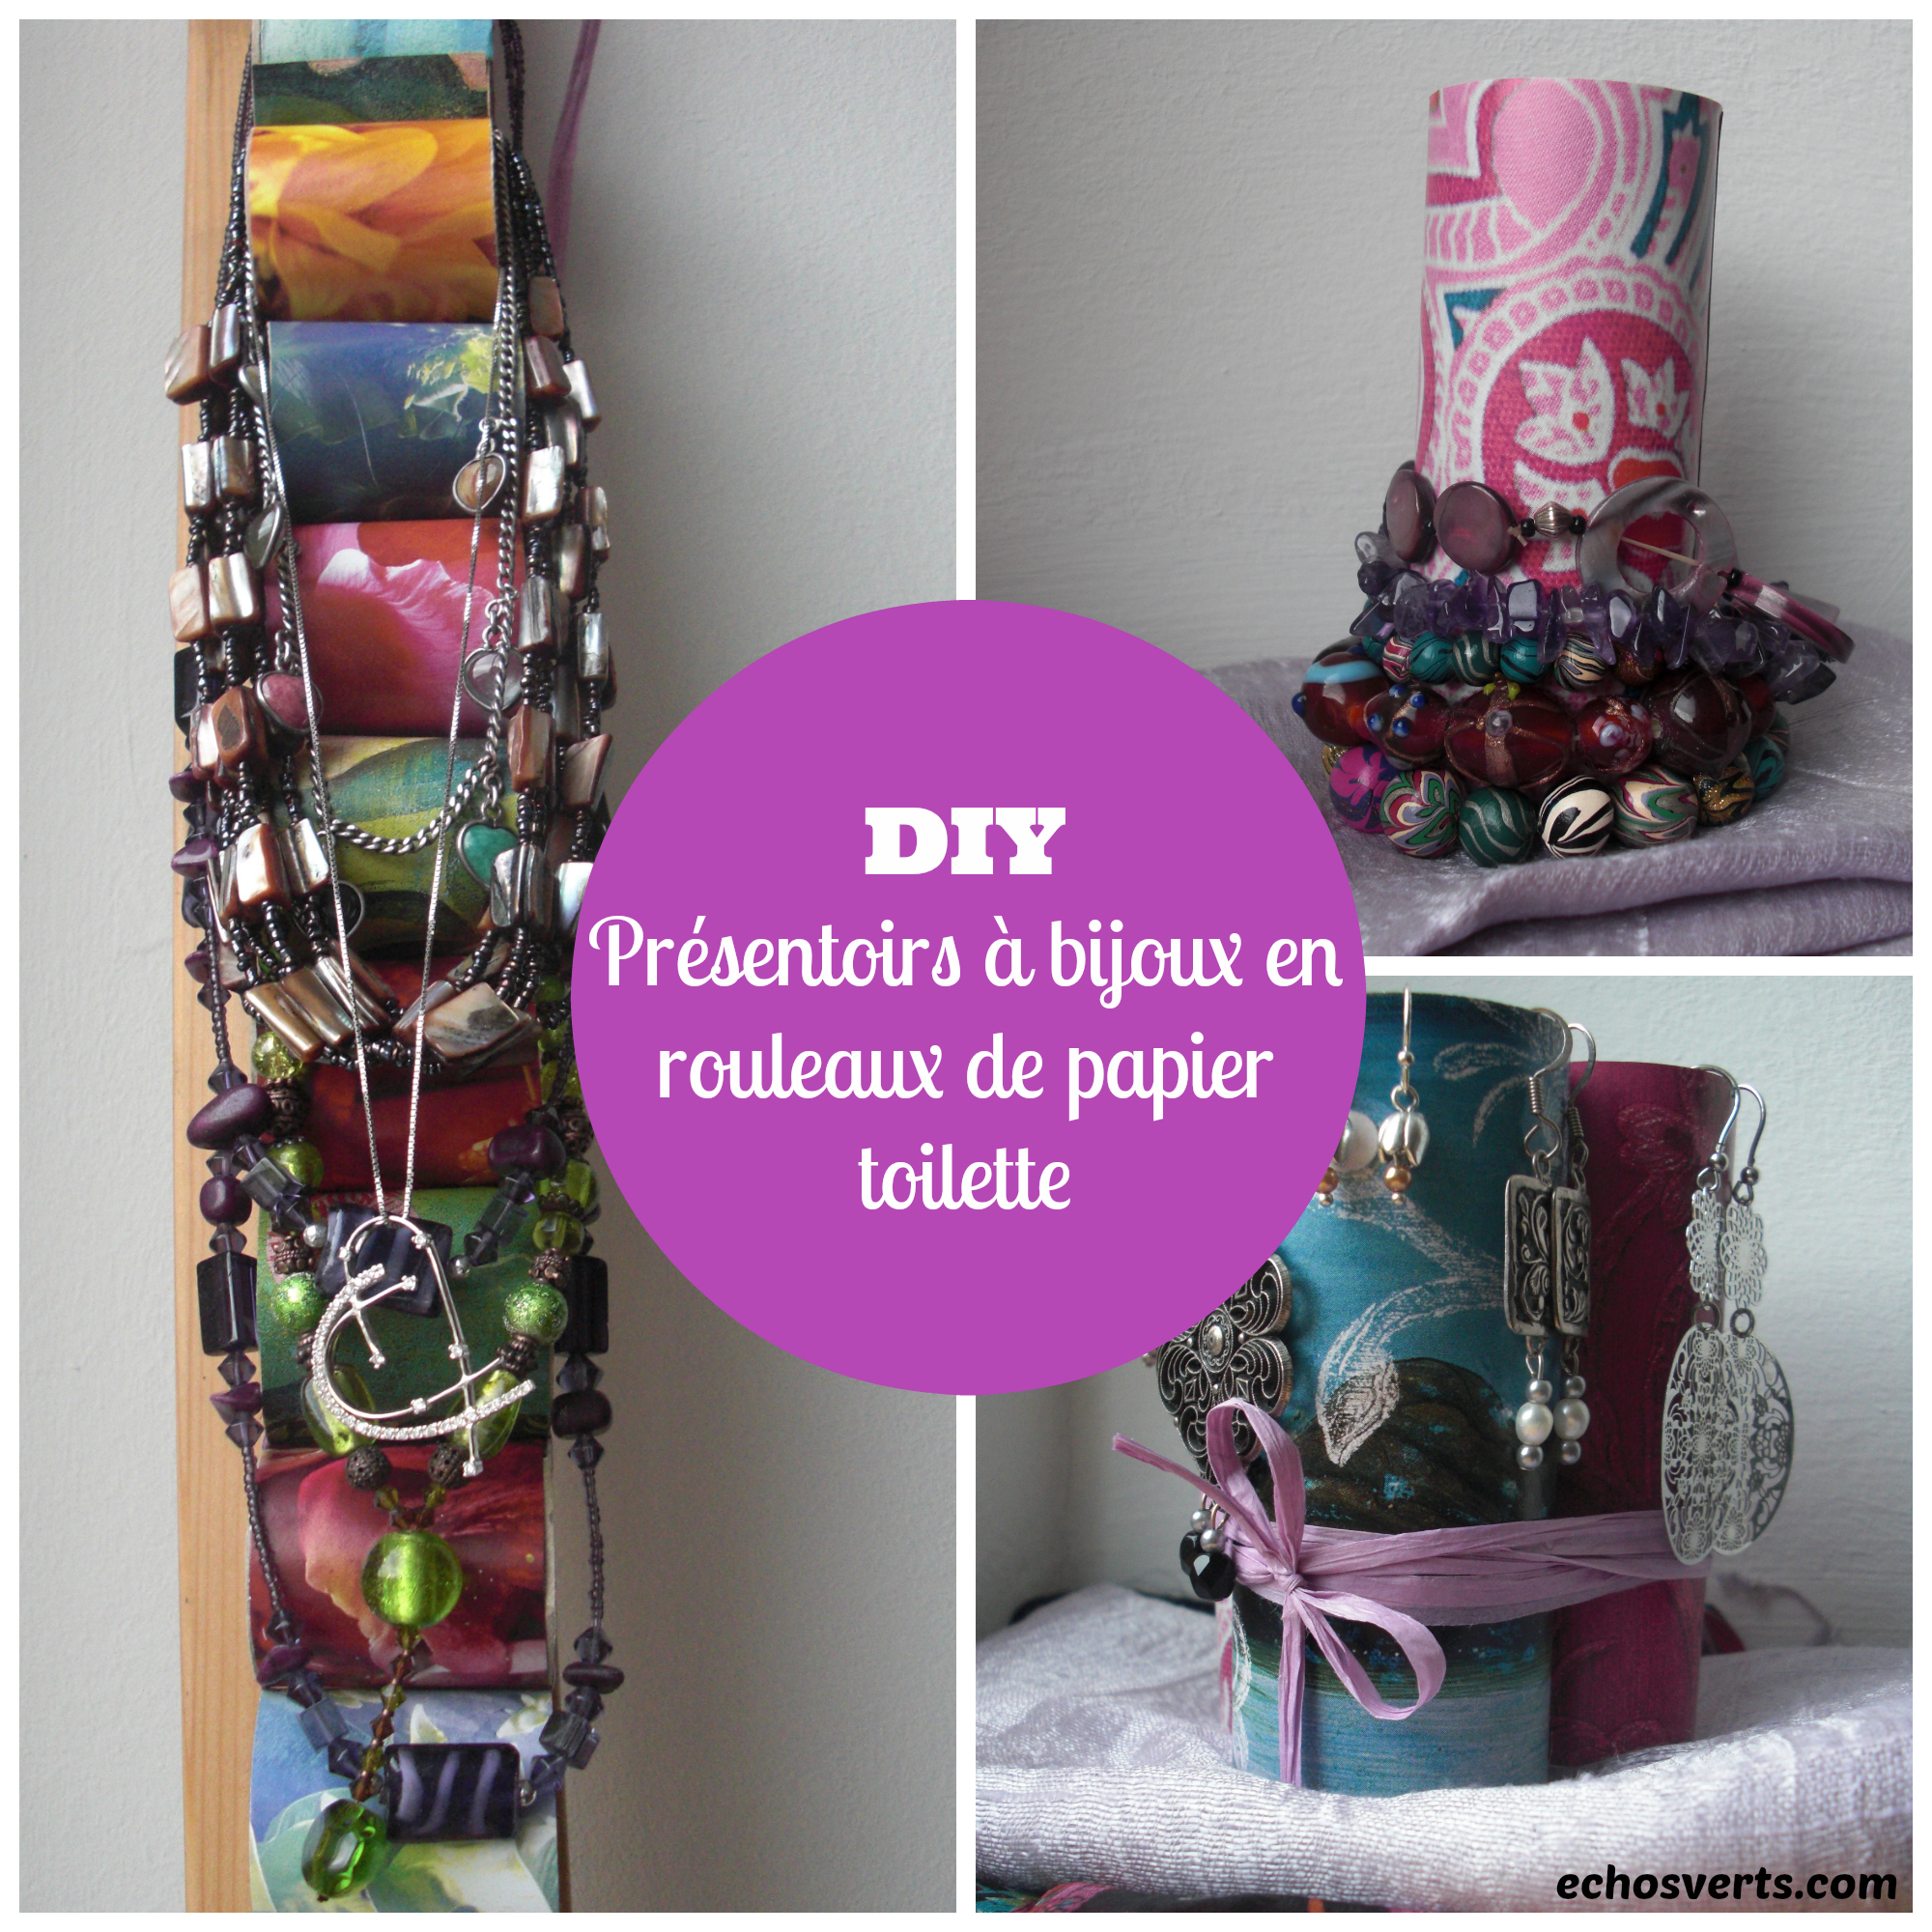 Diy pr sentoirs bijoux en rouleaux de papier toilette - Faire des bijoux a la maison ...